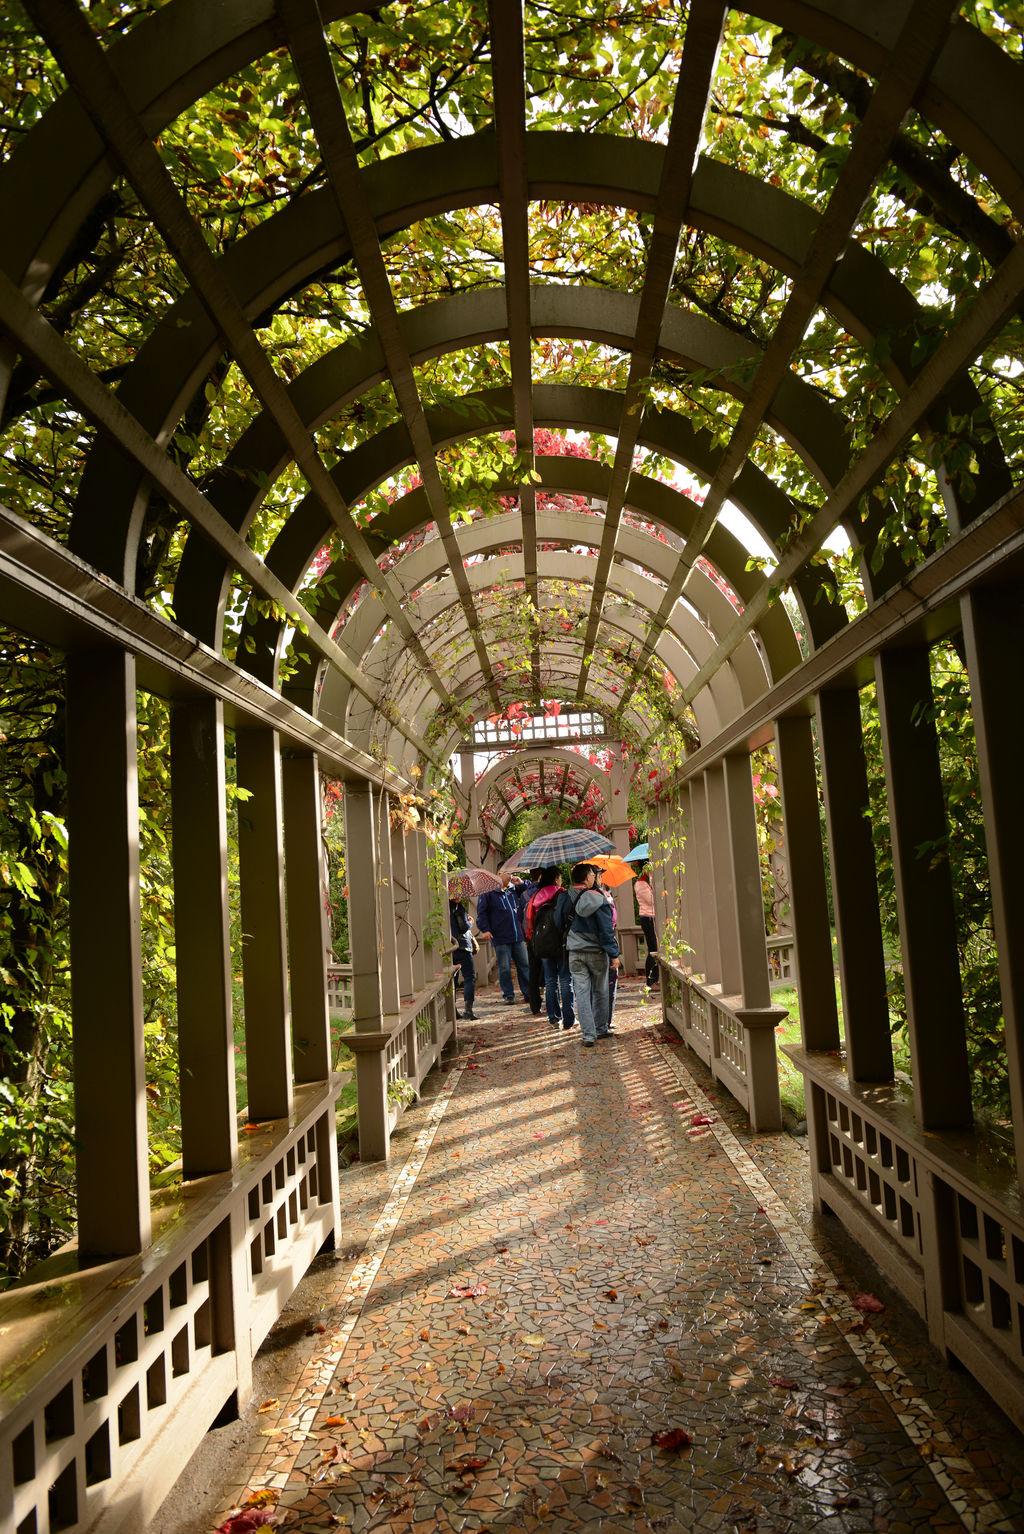 下面这个是教堂式穹顶玻璃温室花房的连廊,每年花季时节总有许多新人图片